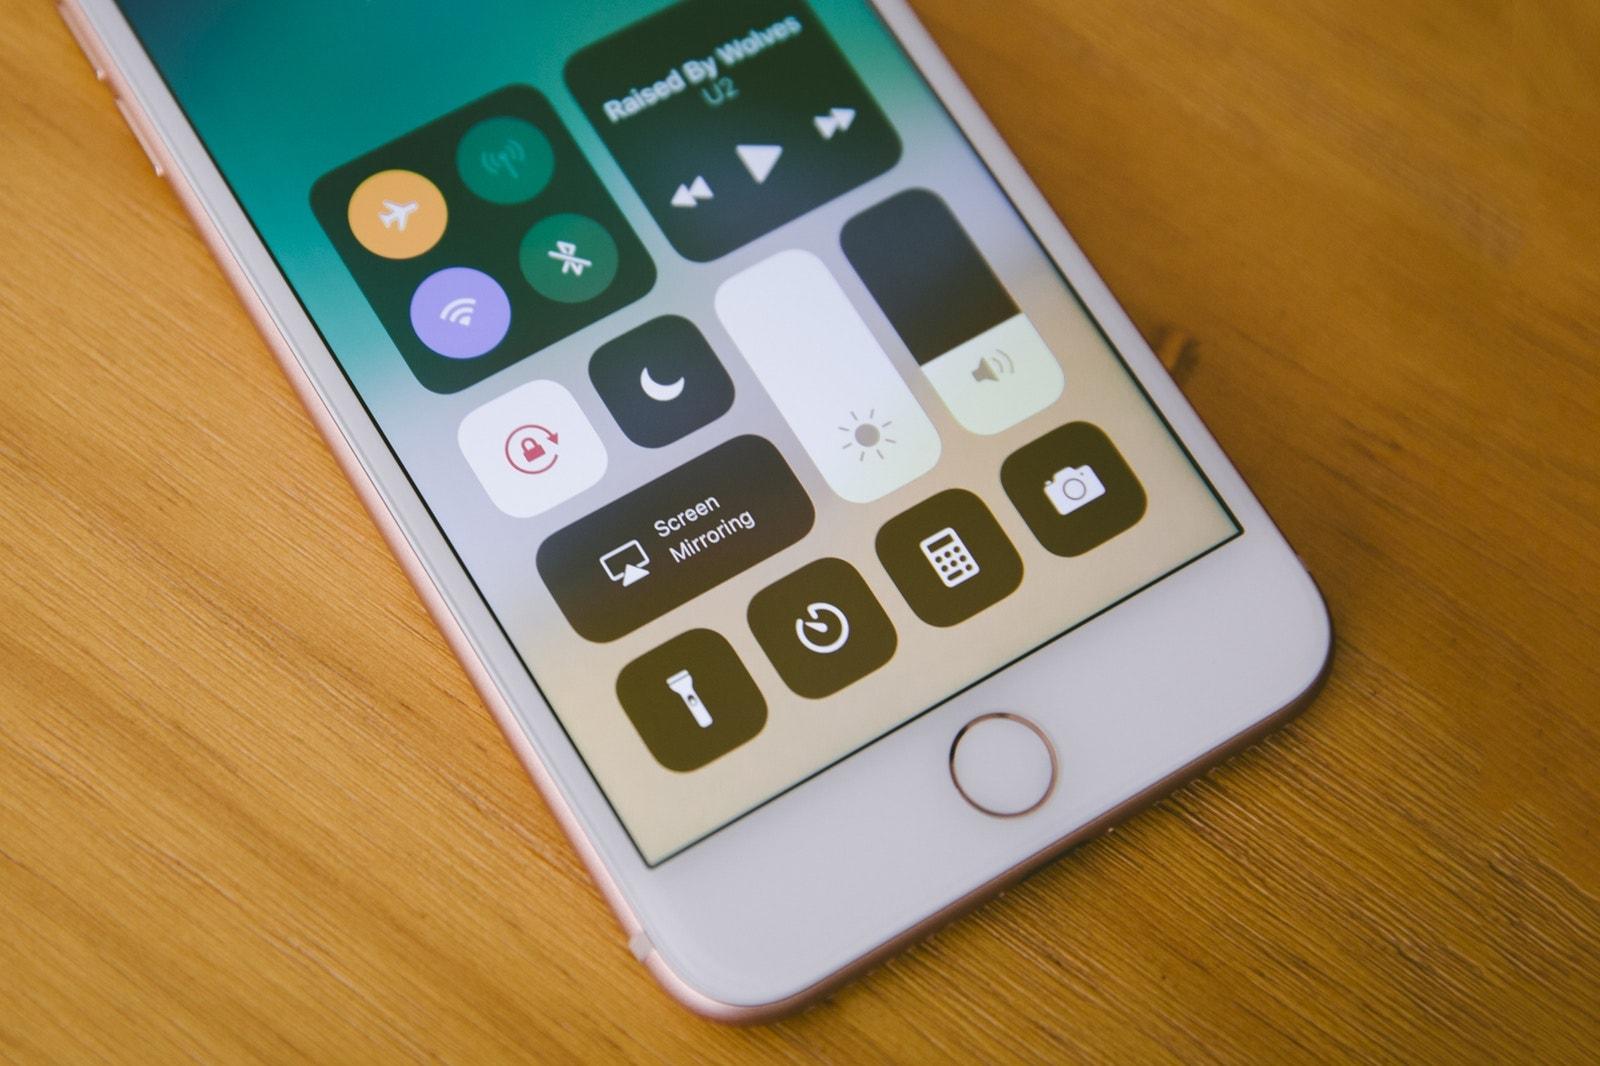 告訴你買 Apple iPhone 8 而非 iPhone X 的理由